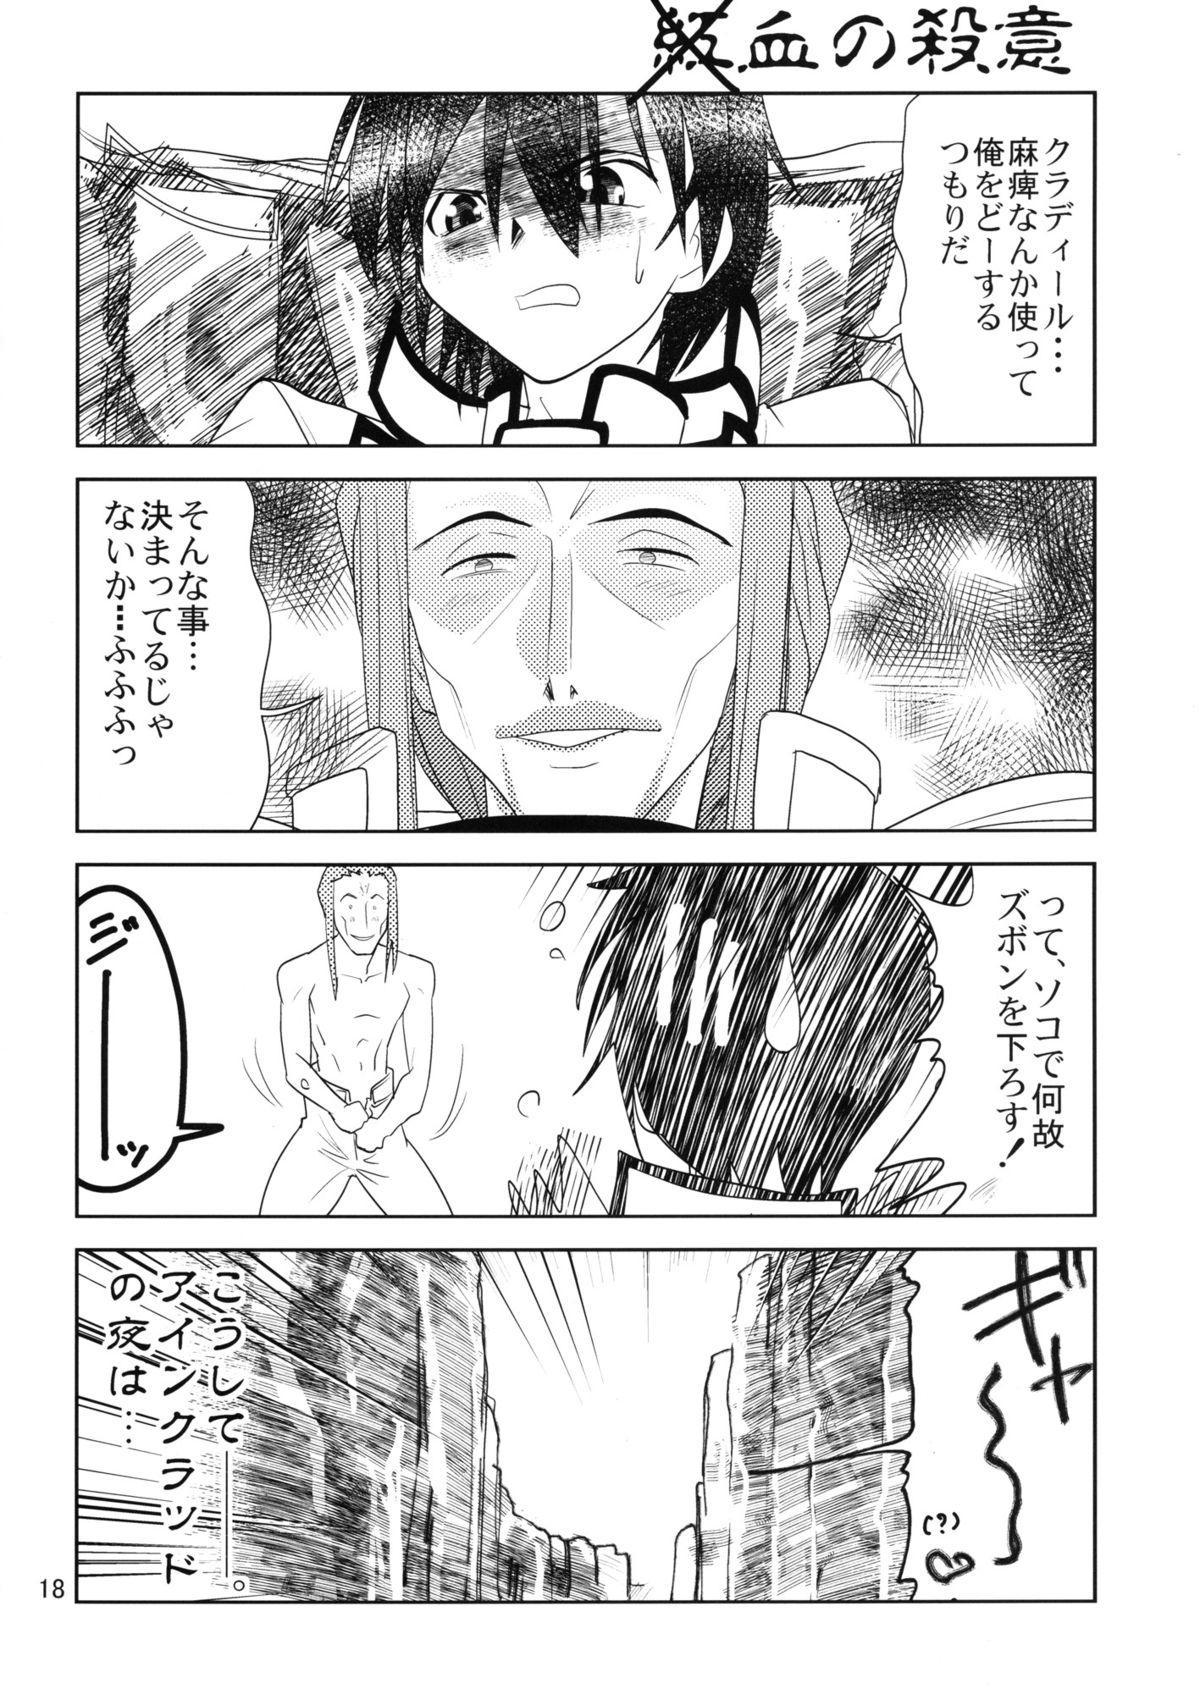 Toraware no Kokoro 17